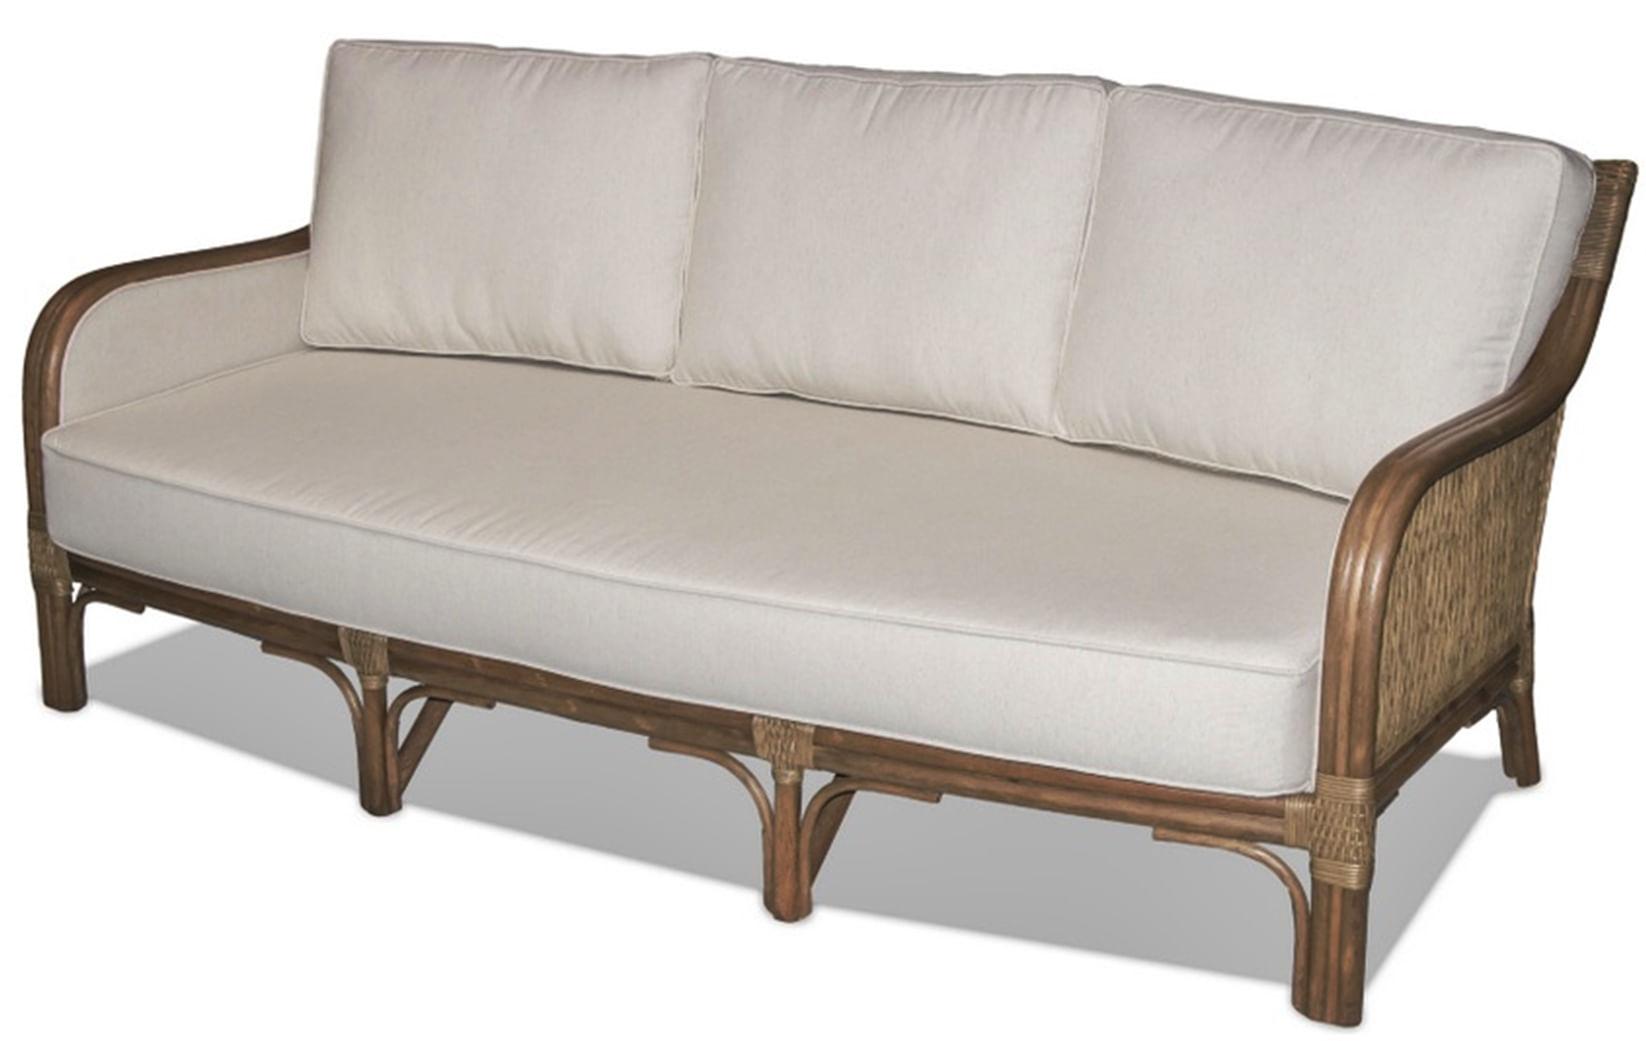 Sofa Nogales 3 Lugares Assento cor Branco com Base Madeira Apui - 44788